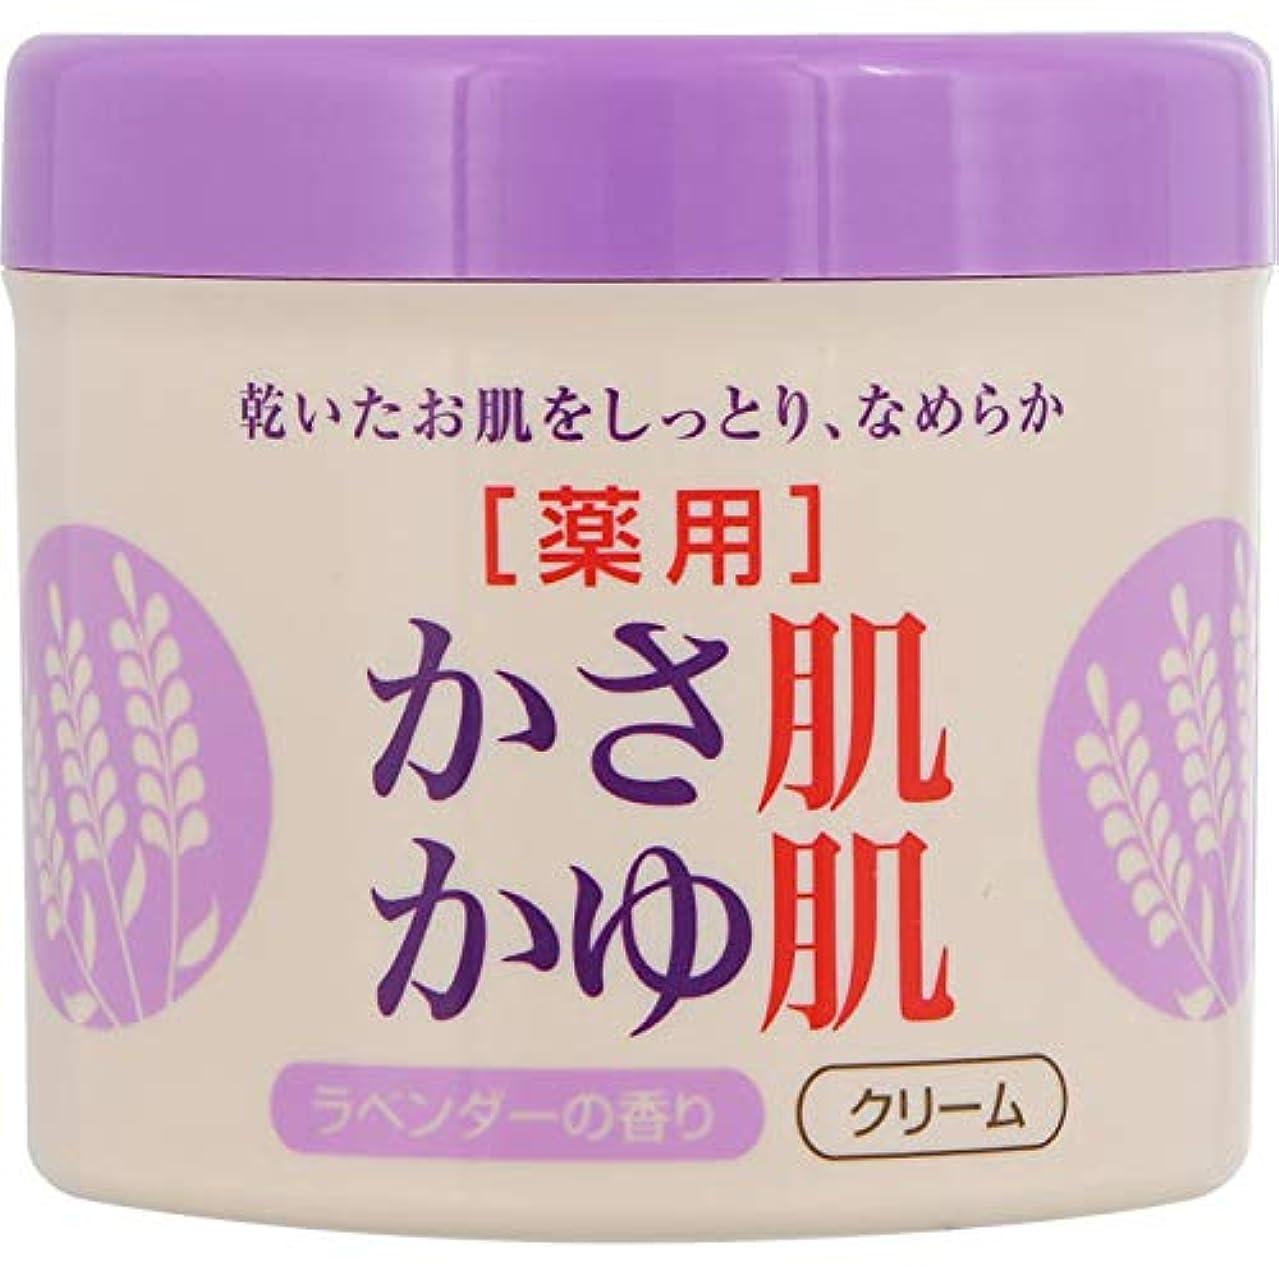 文化悪化する合図MK 薬用かさ肌かゆ肌ミルキークリーム ラベンダー 280g (医薬部外品)